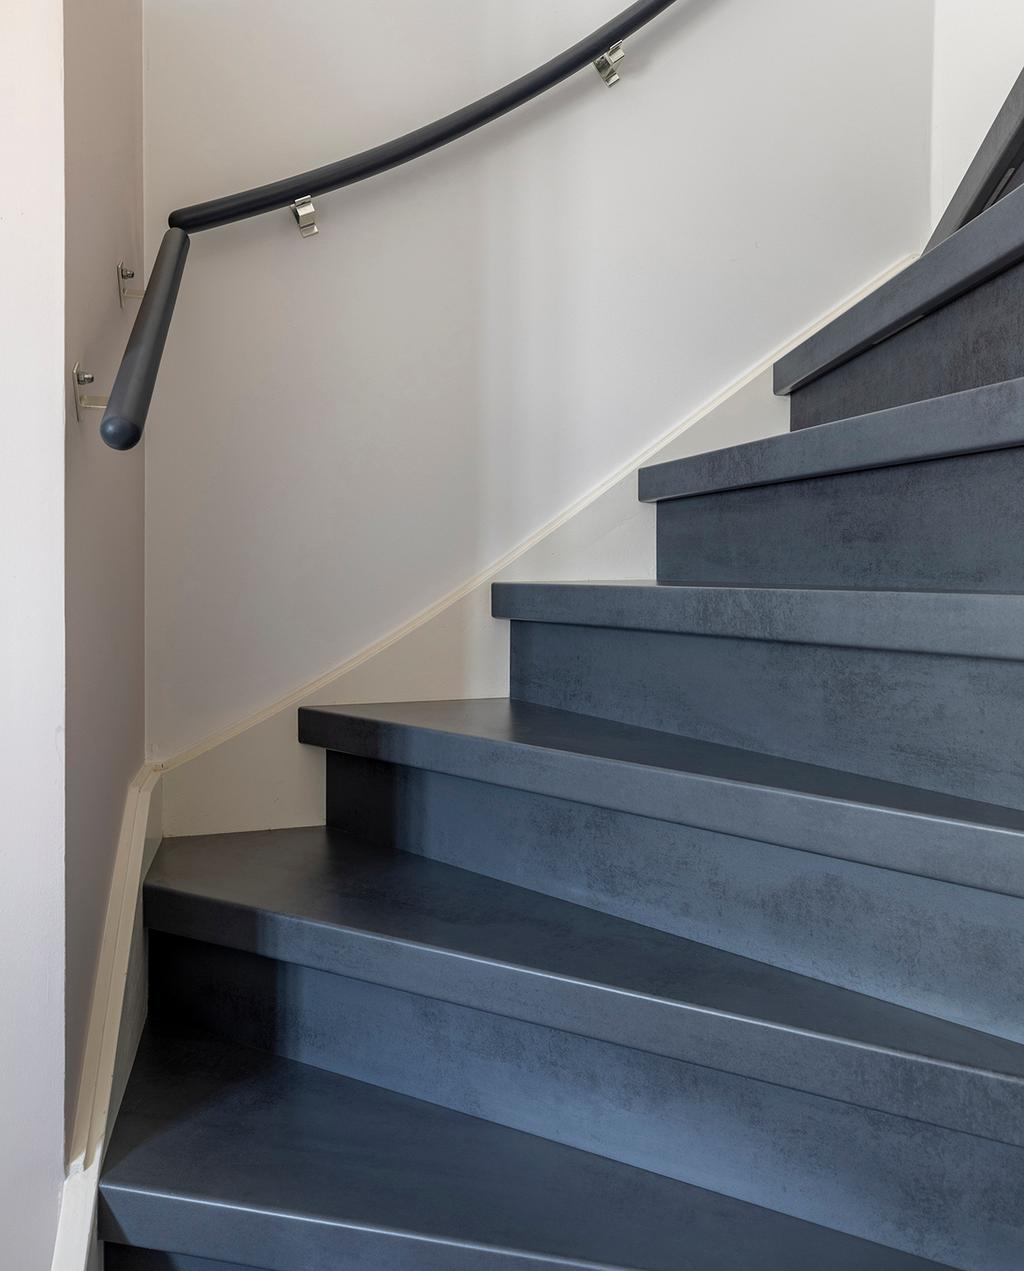 Van accessoires tot trap: zo pas je de industriële look overal in huis toe - Upstairs